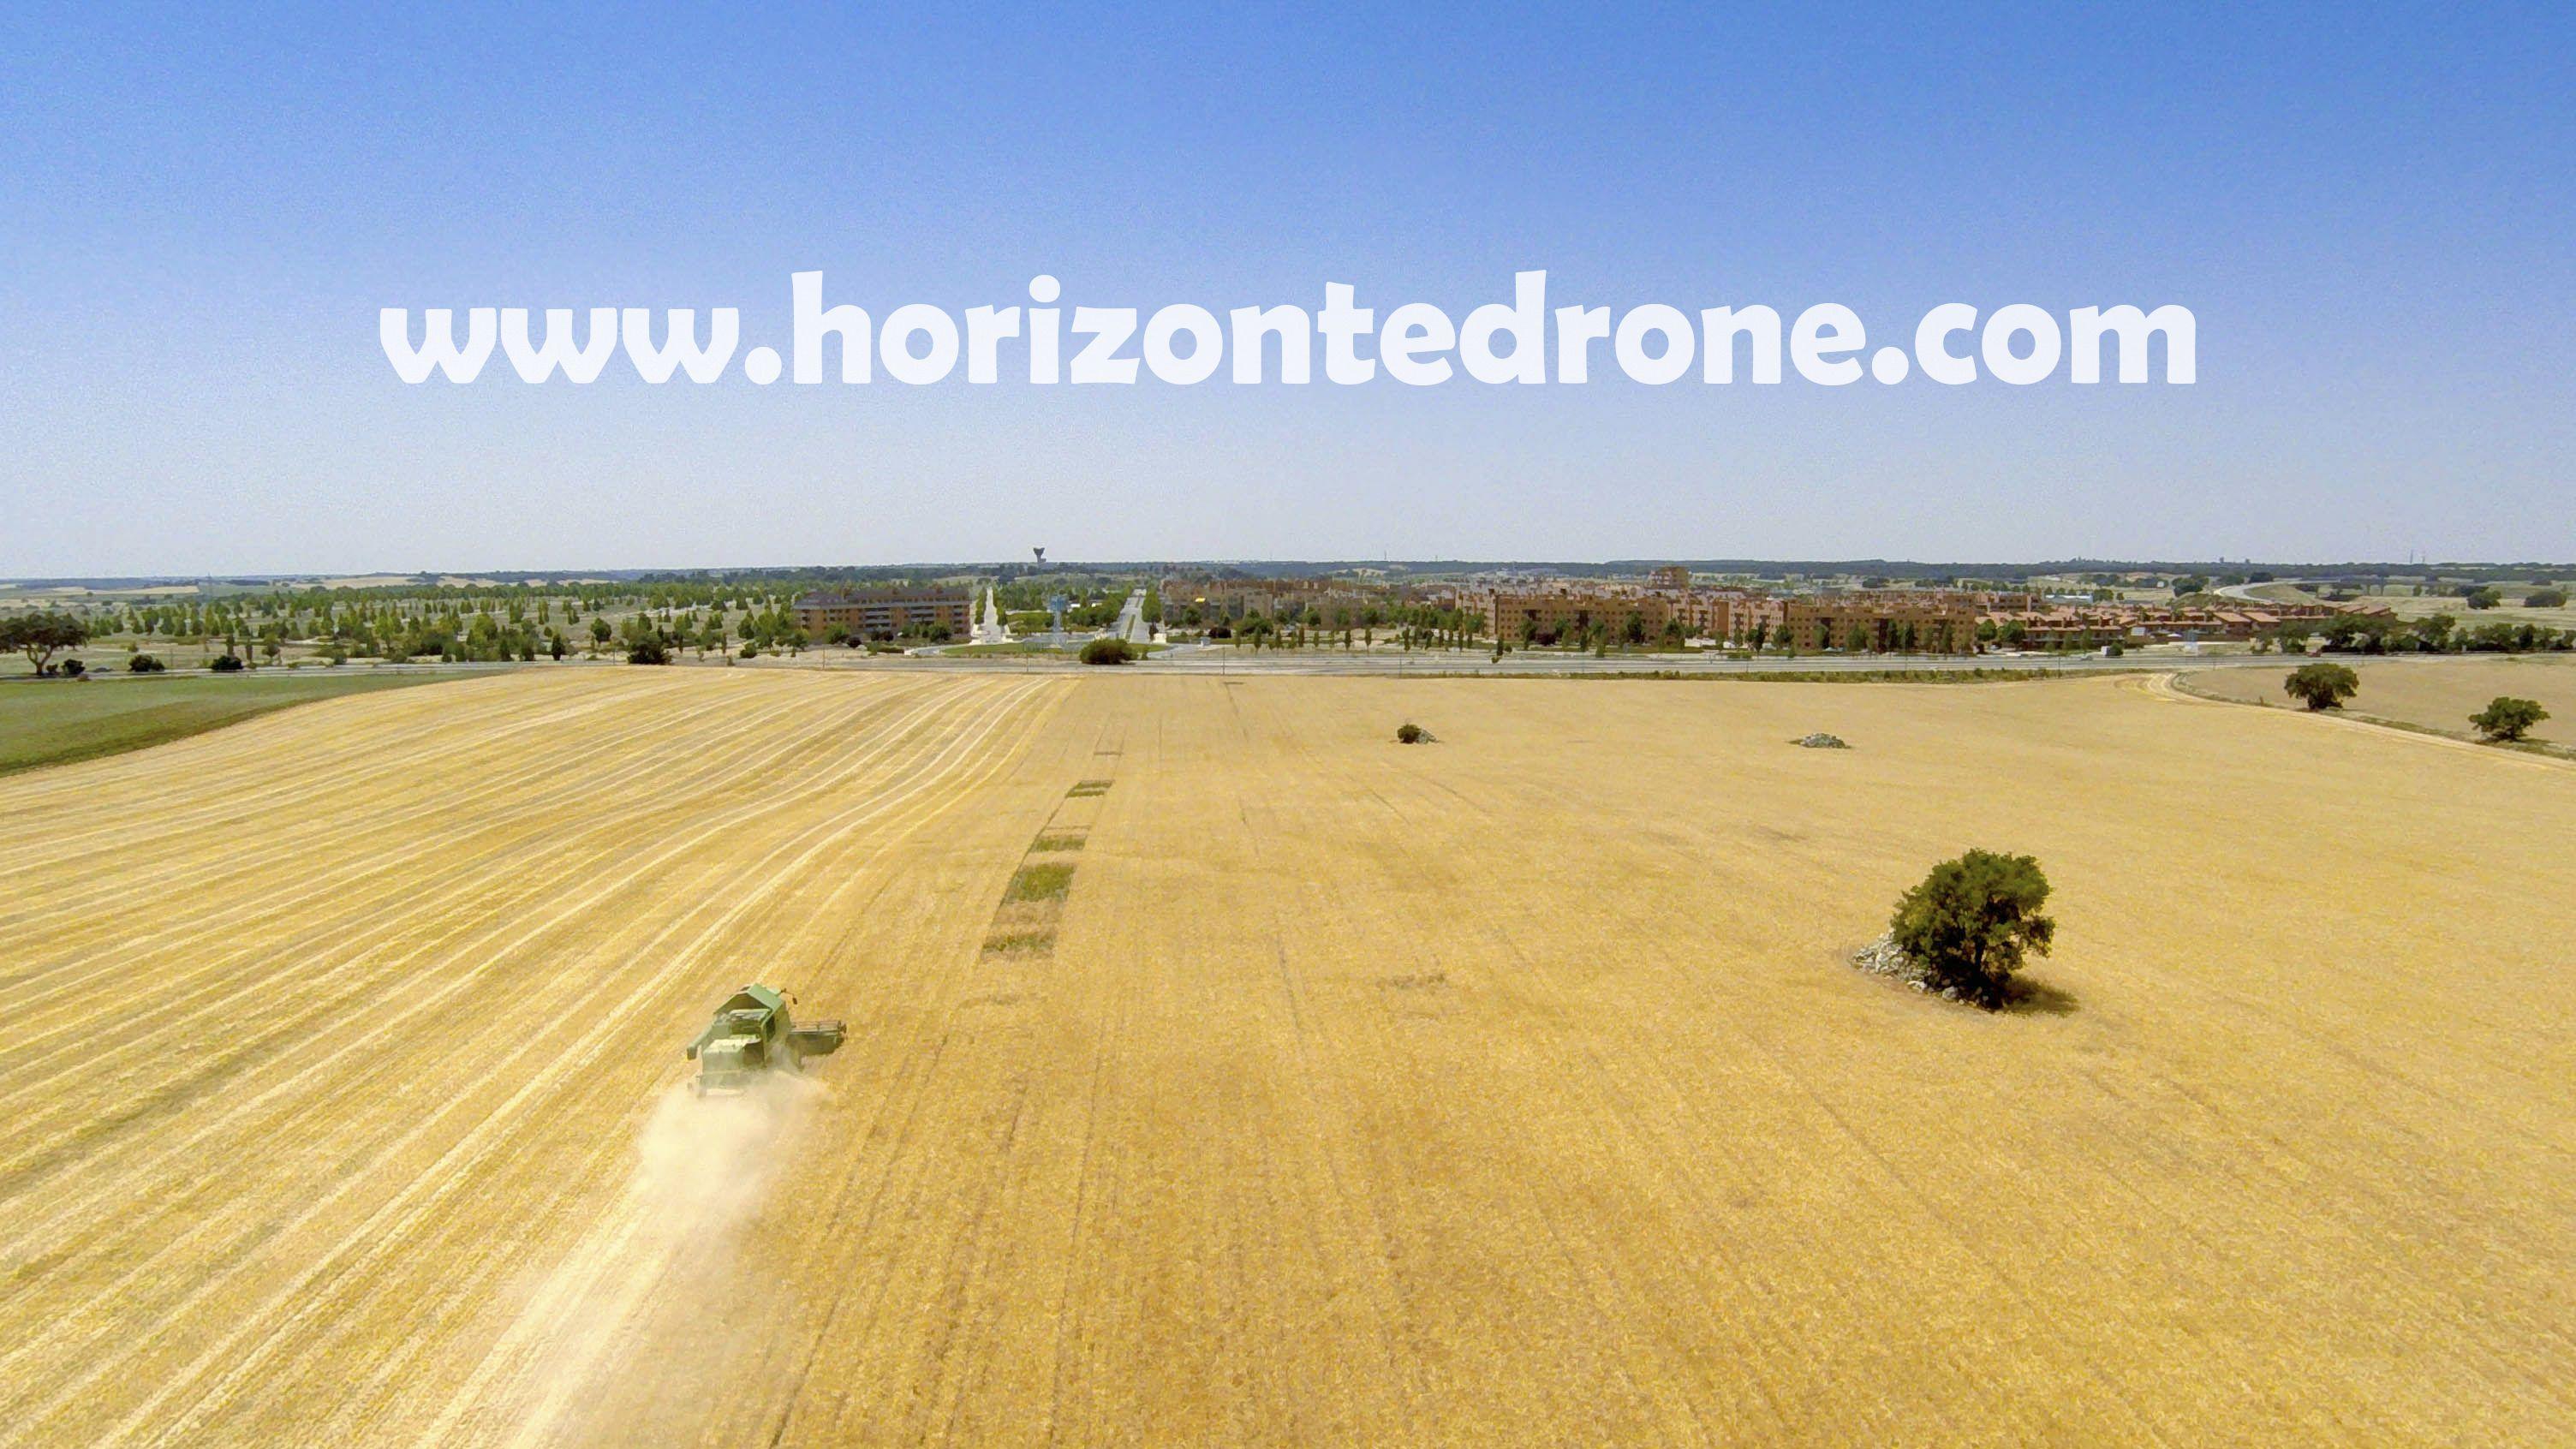 La #cosecha a vista de #drone